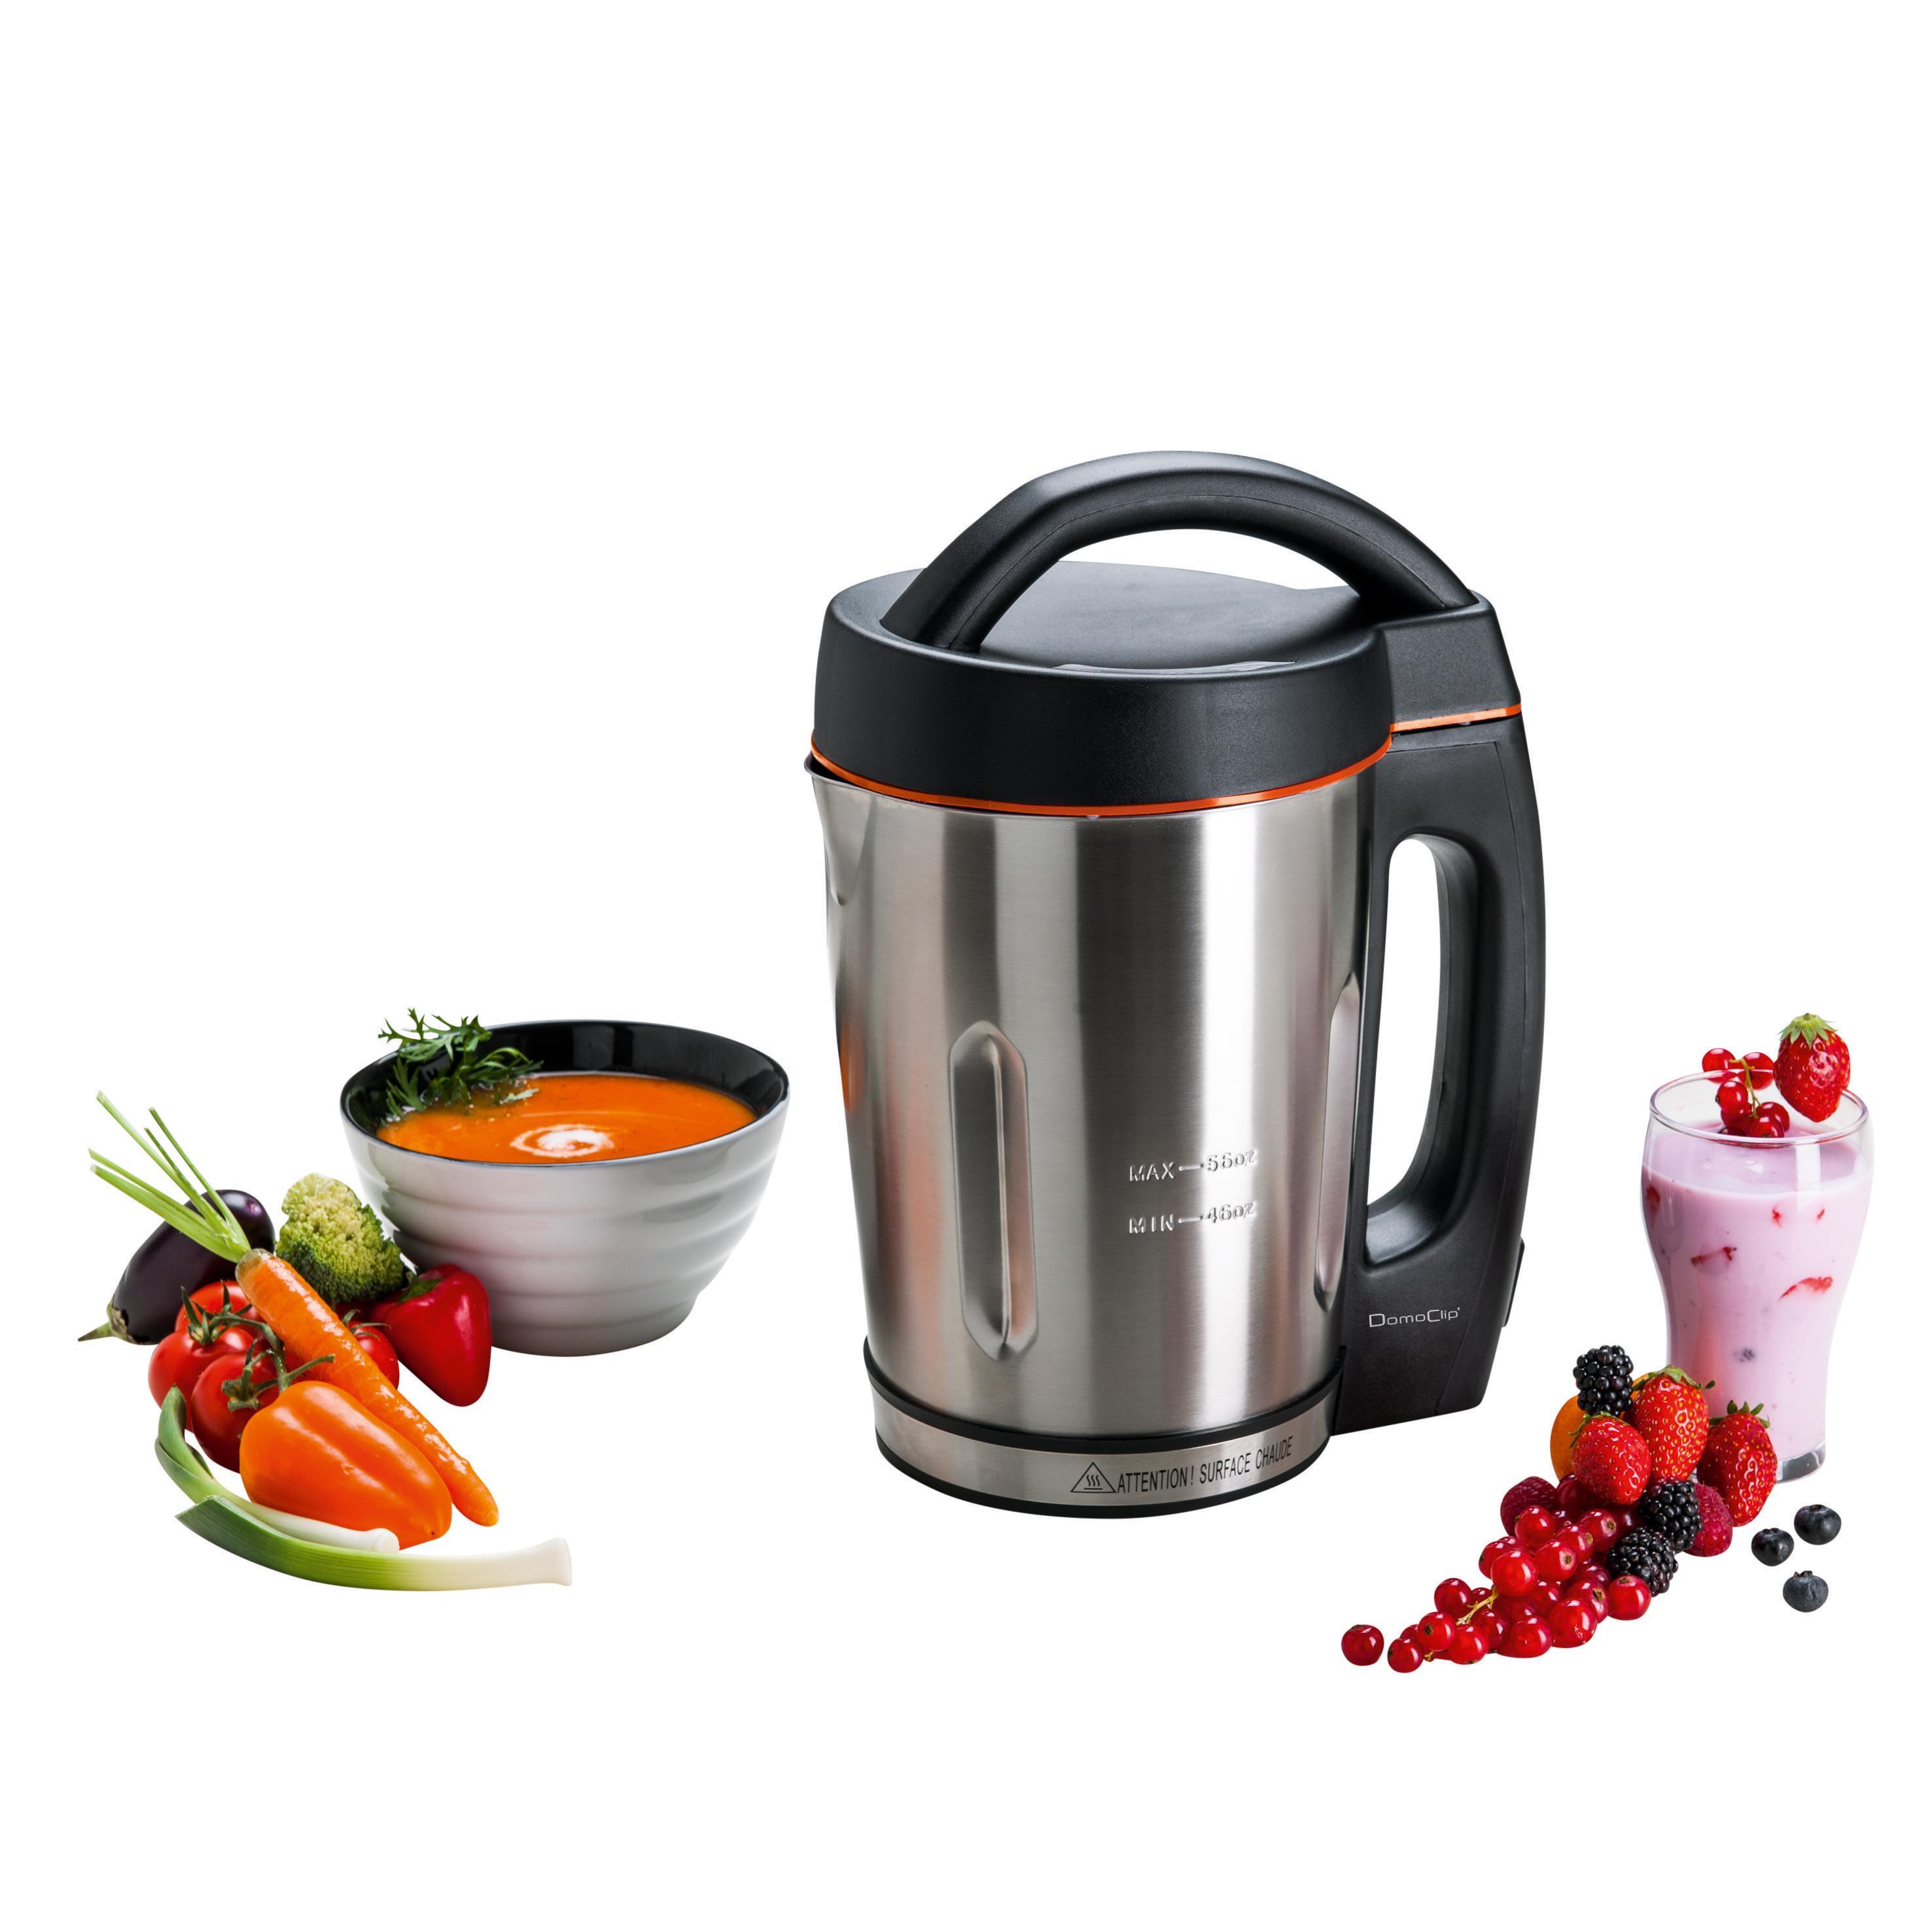 domoclip rapid 39 soup appareil soupe dop121 pas cher achat vente blender rueducommerce. Black Bedroom Furniture Sets. Home Design Ideas